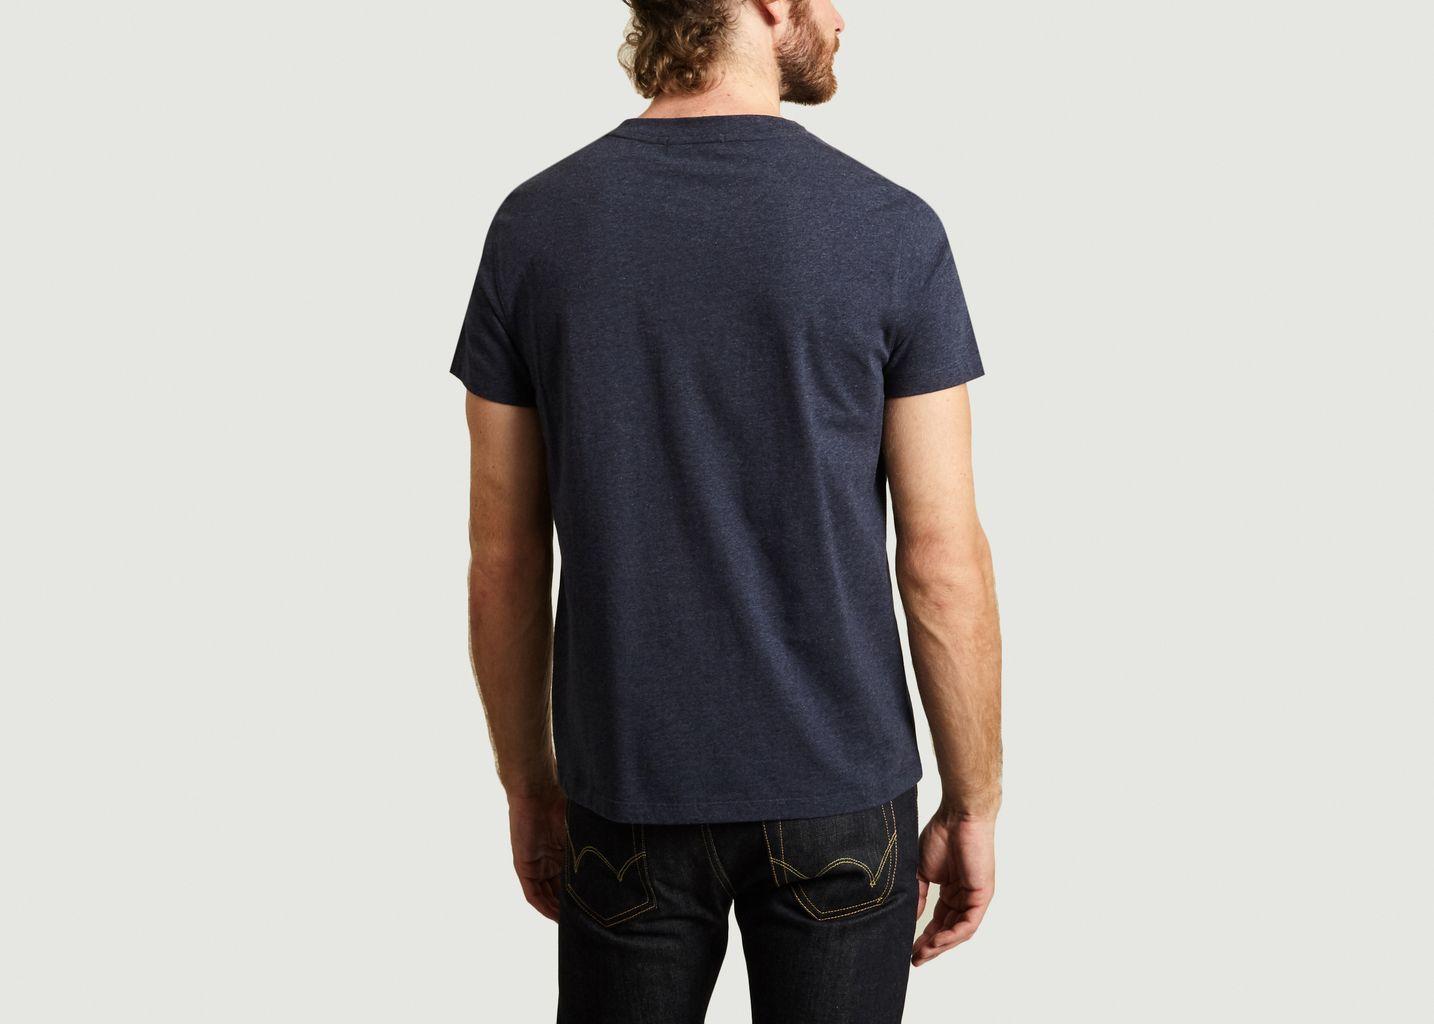 T-shirt West Coast - Maison Labiche